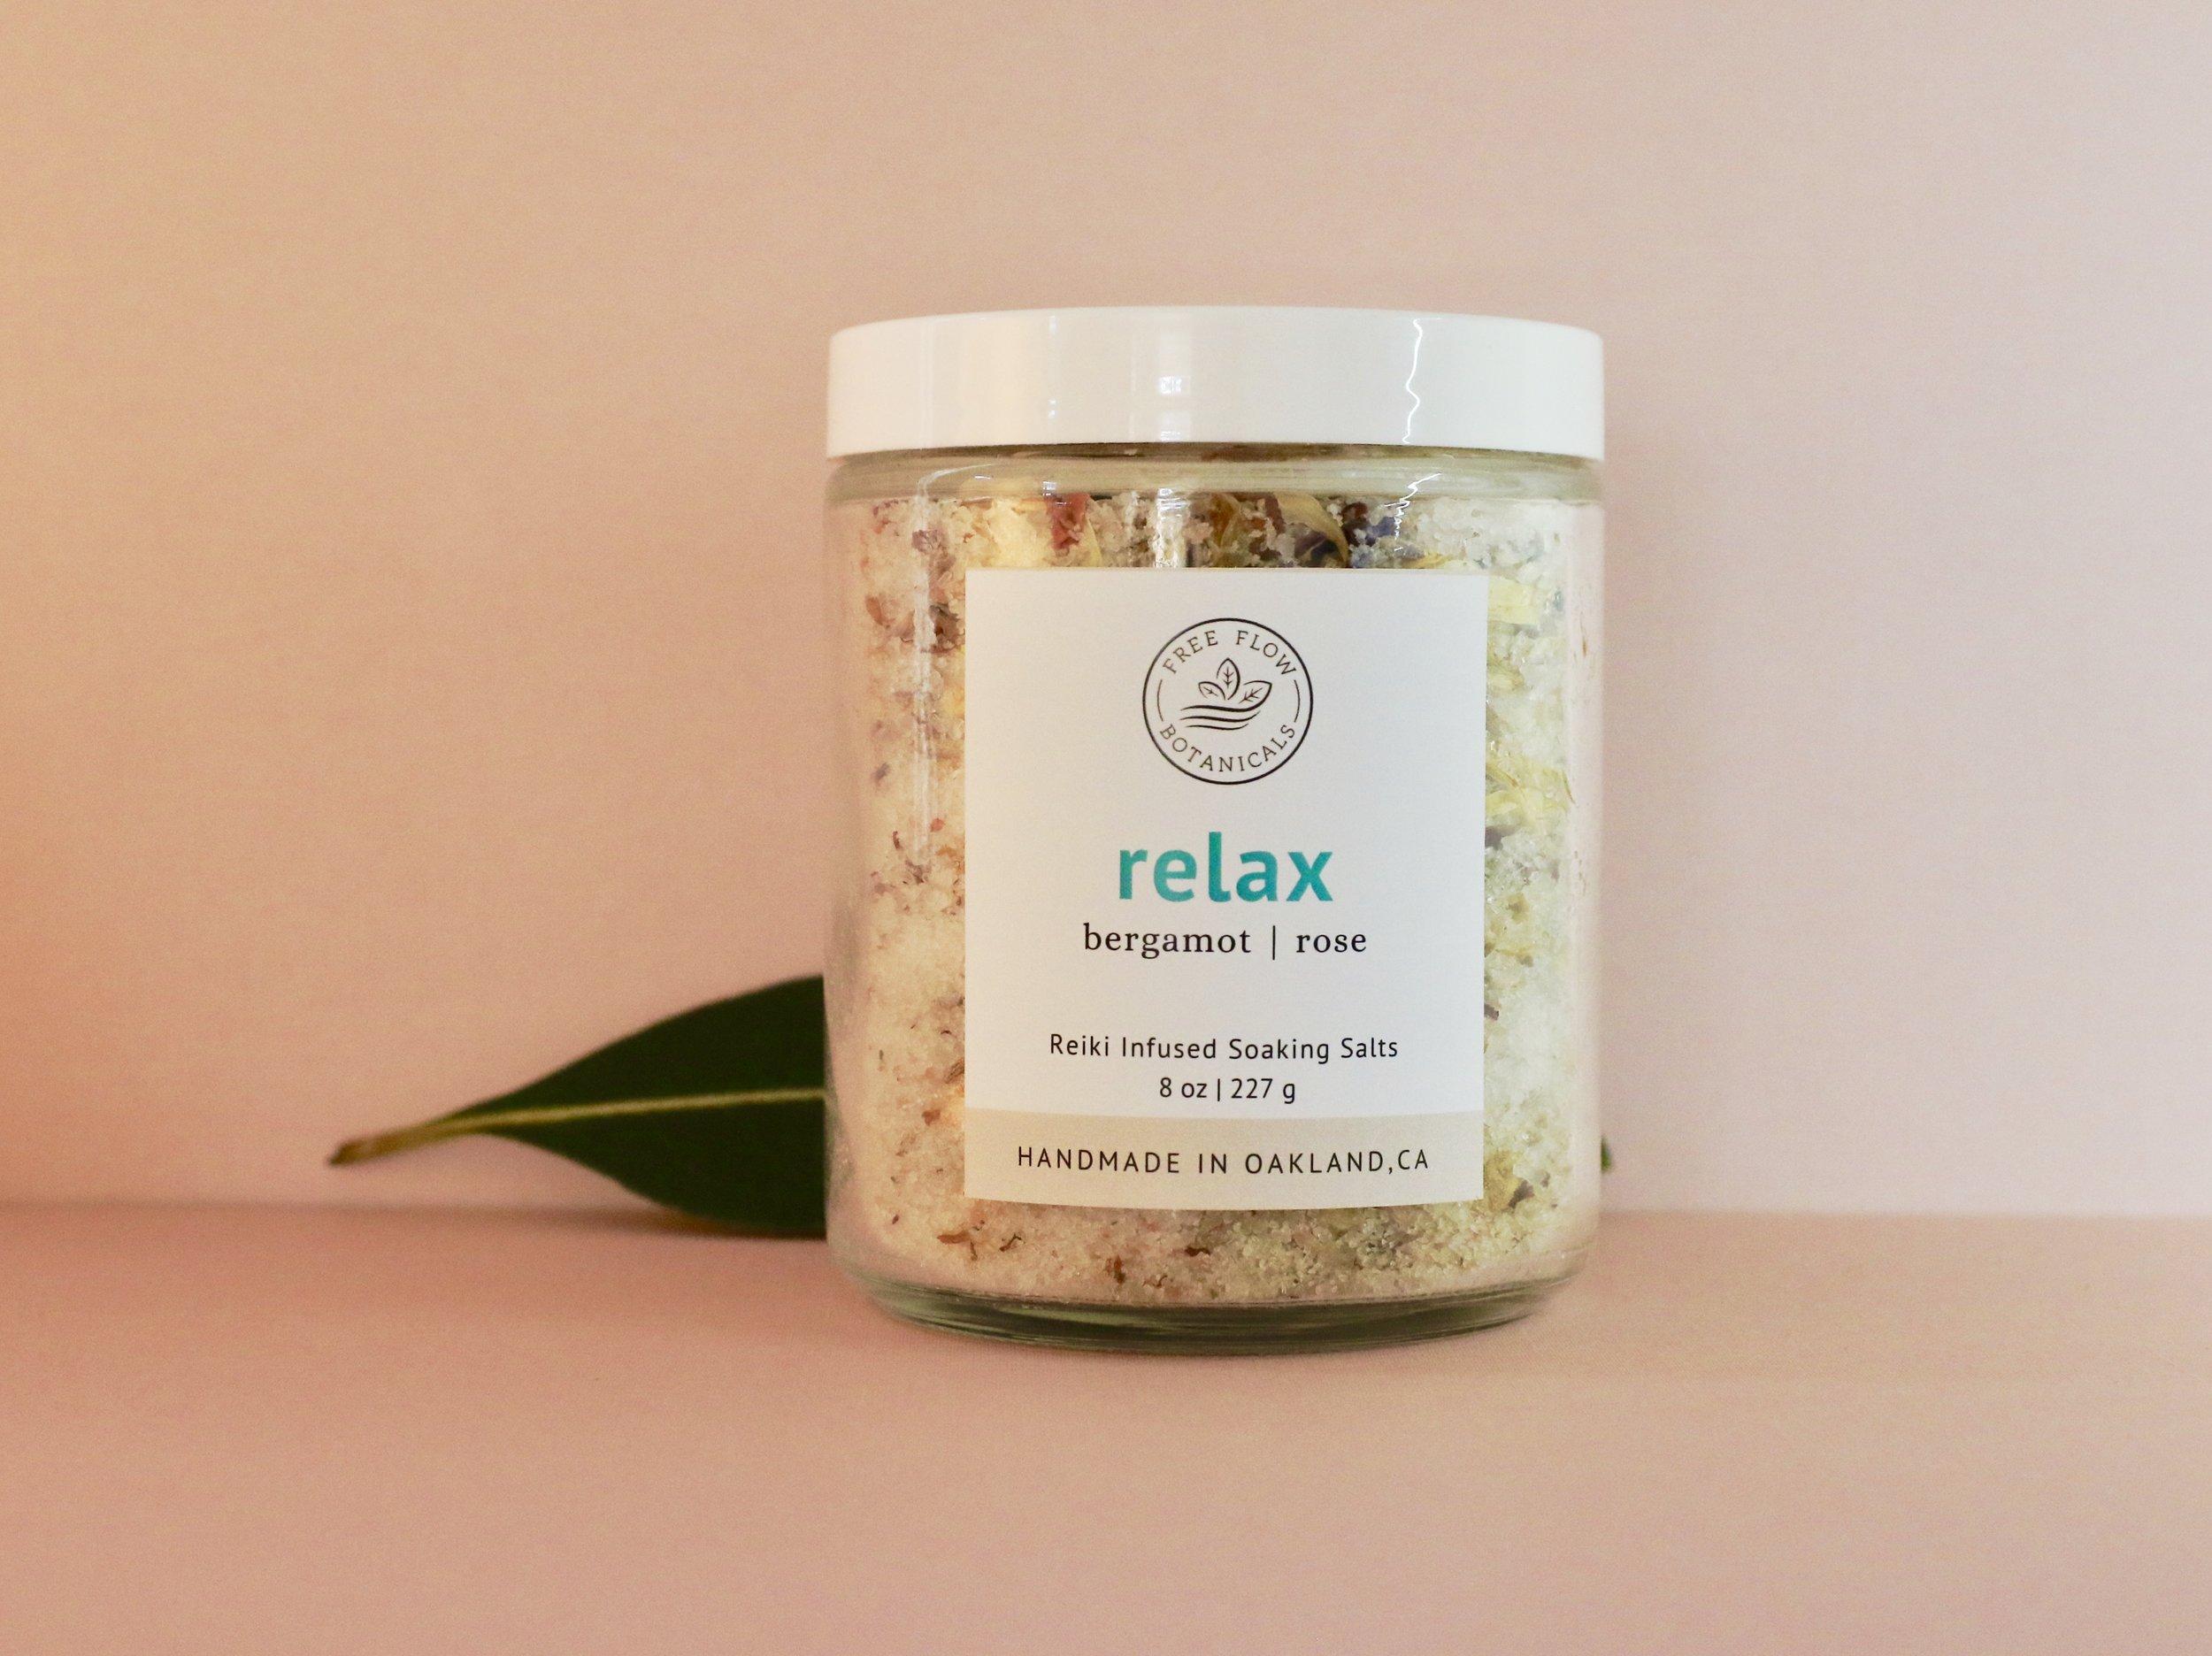 Relax Soaking Salts - $14